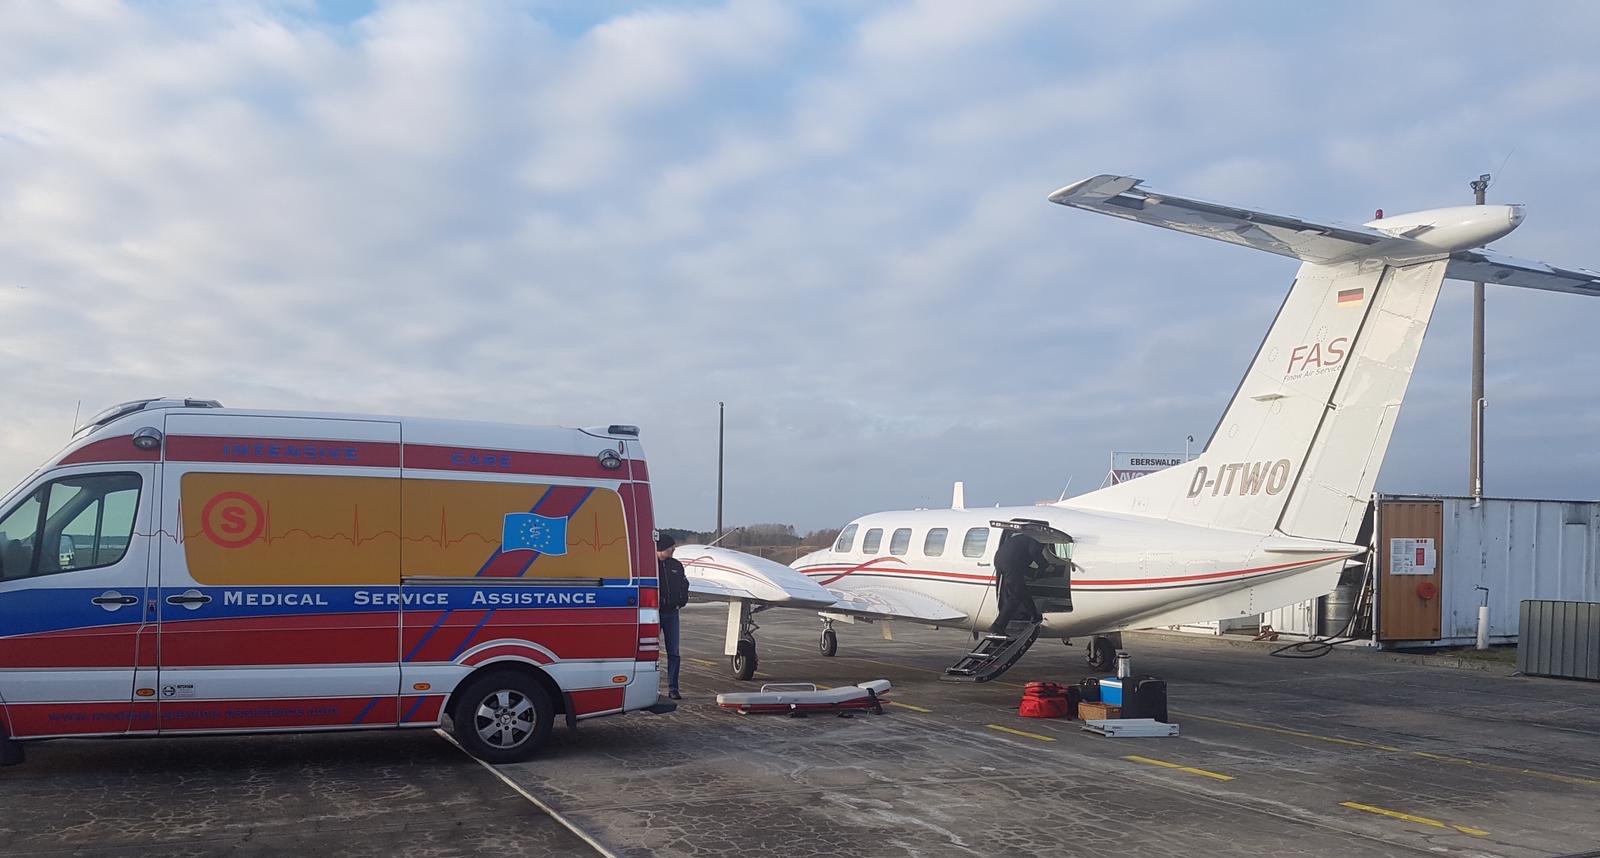 D-ITWO_Ambulanz.jpg